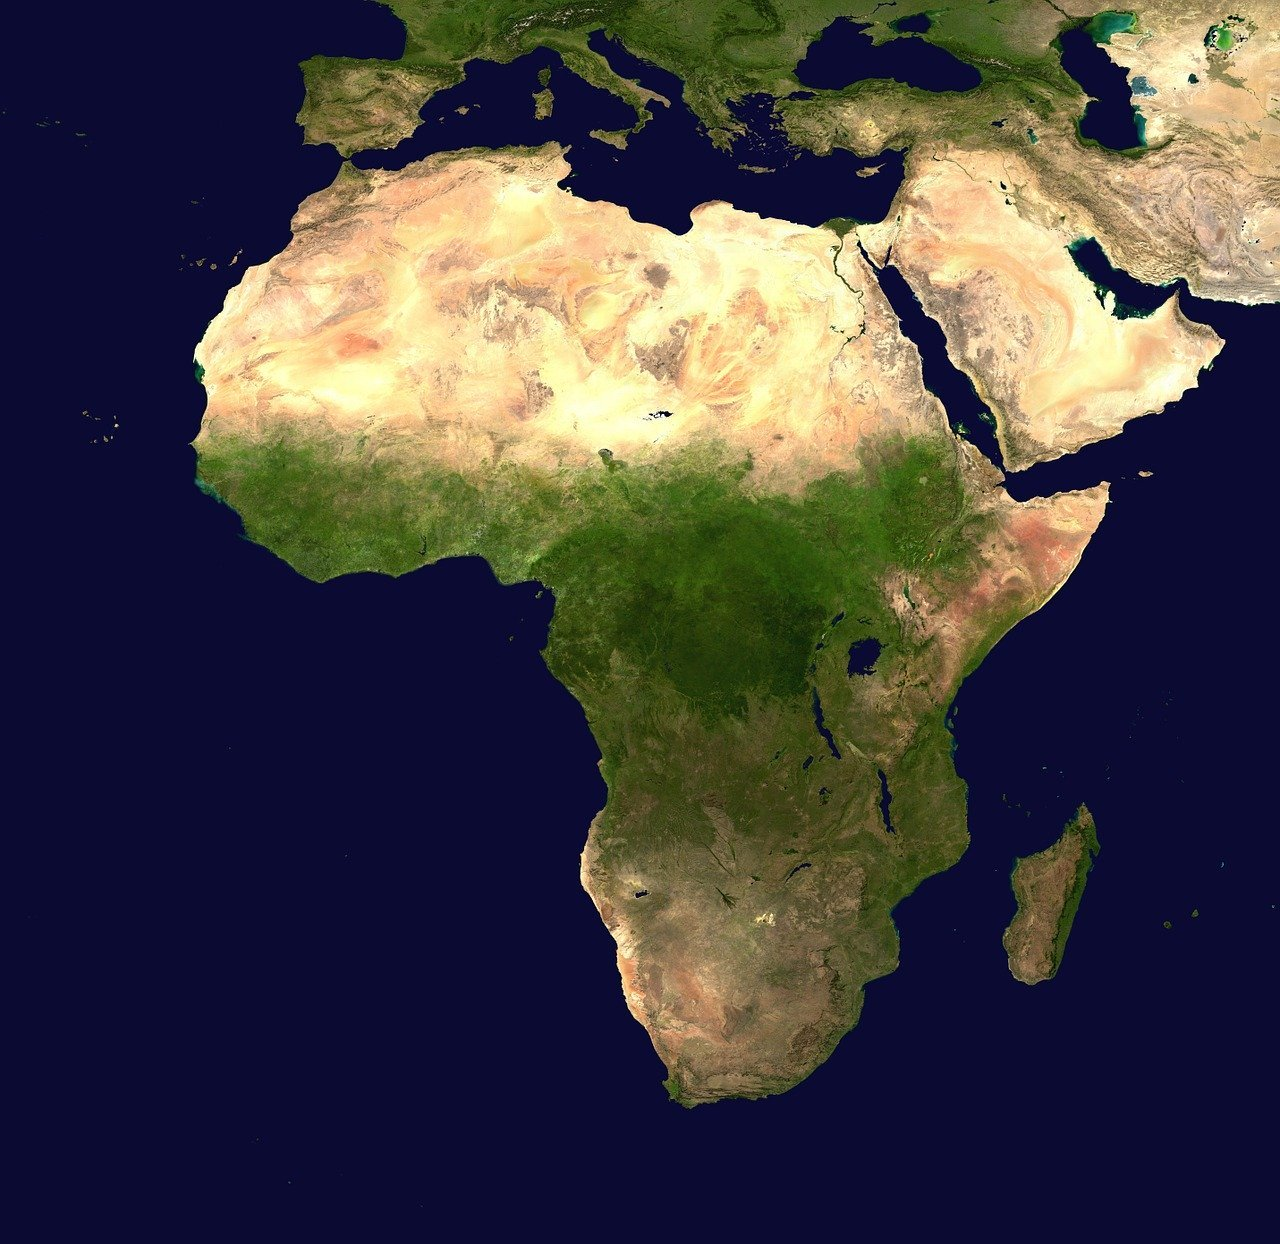 アフリカの中国との協力関係、経済と軍事